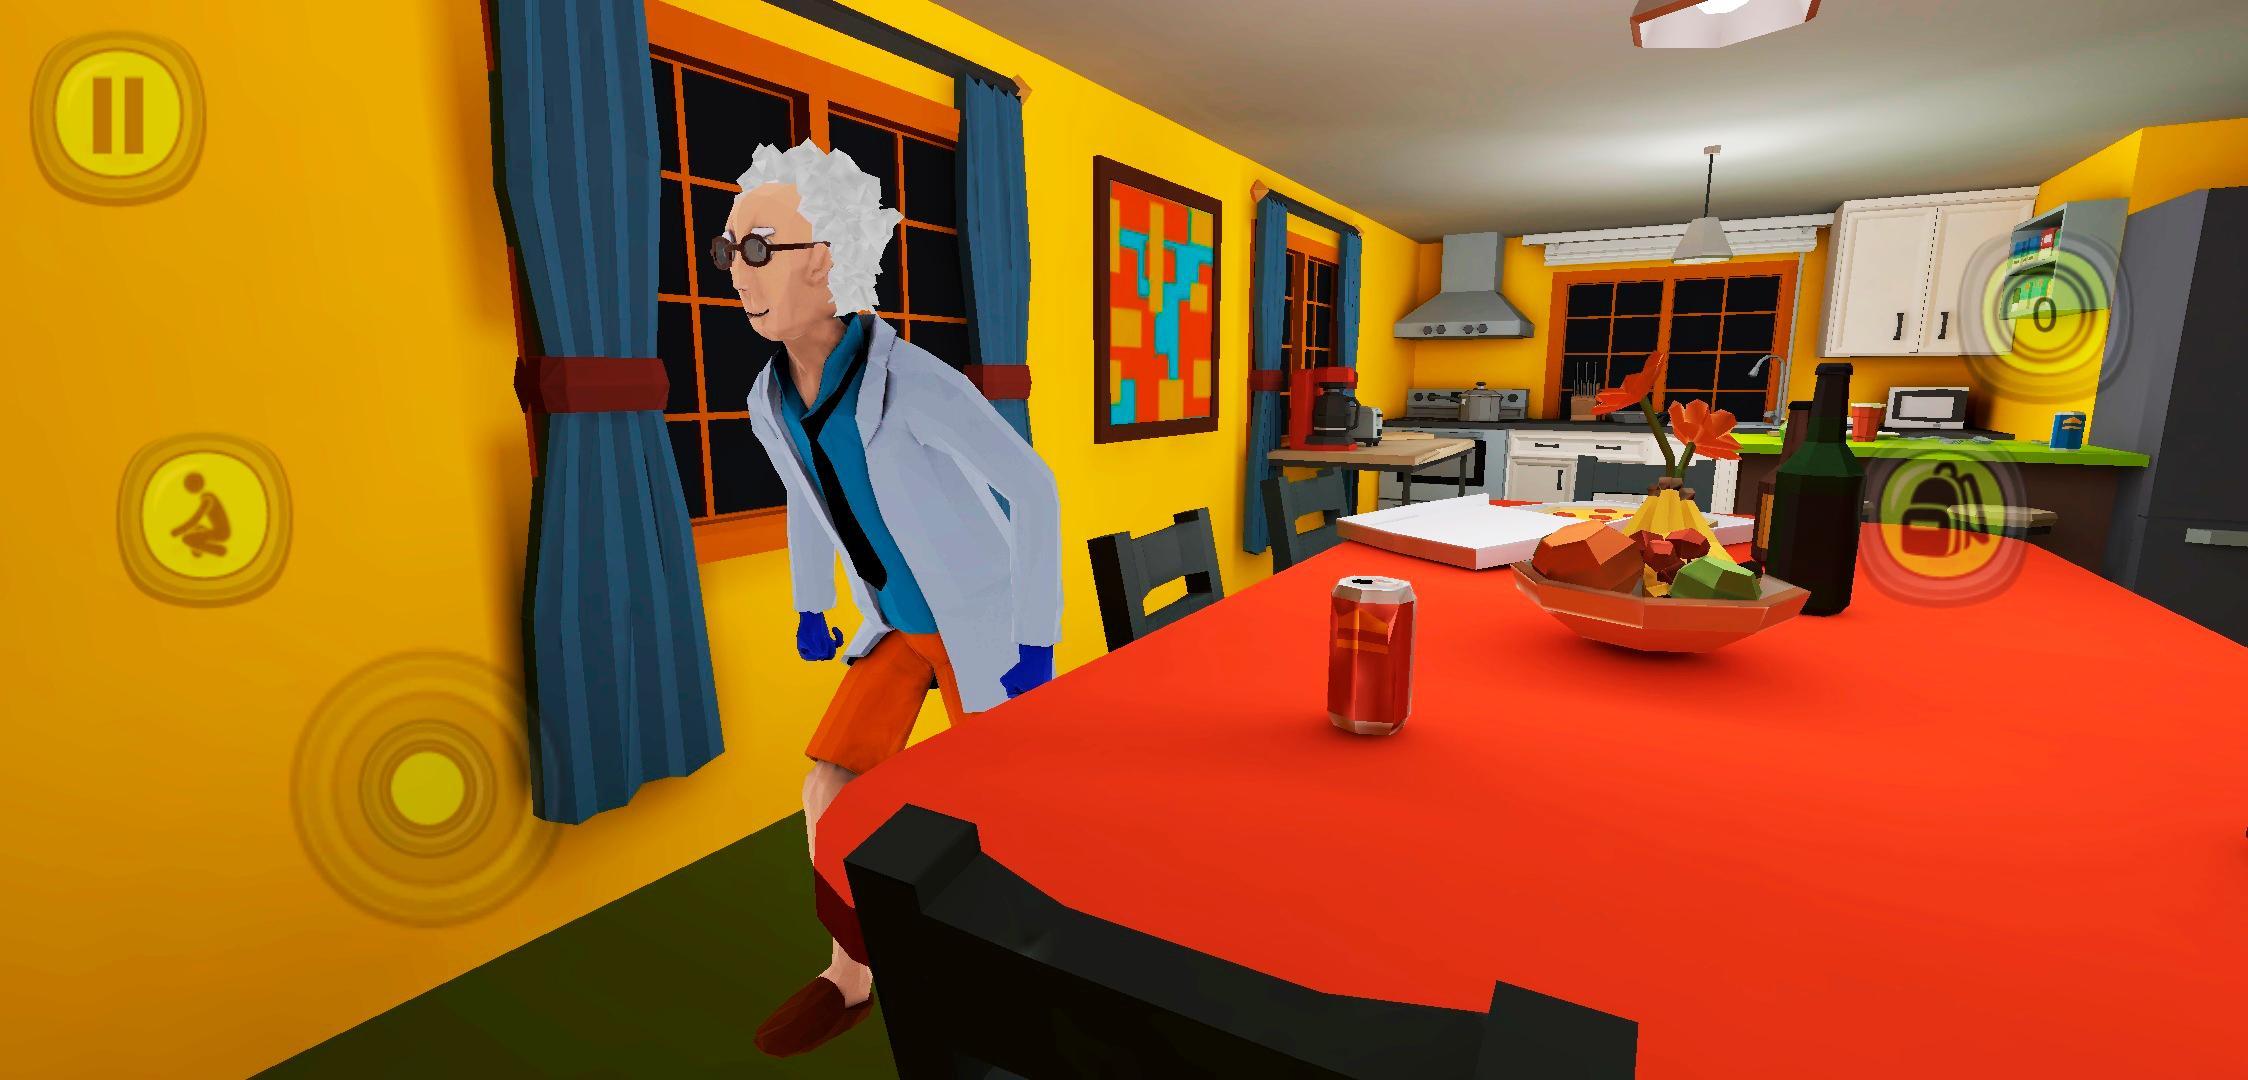 Grandson - Escape The House 游戏截图5